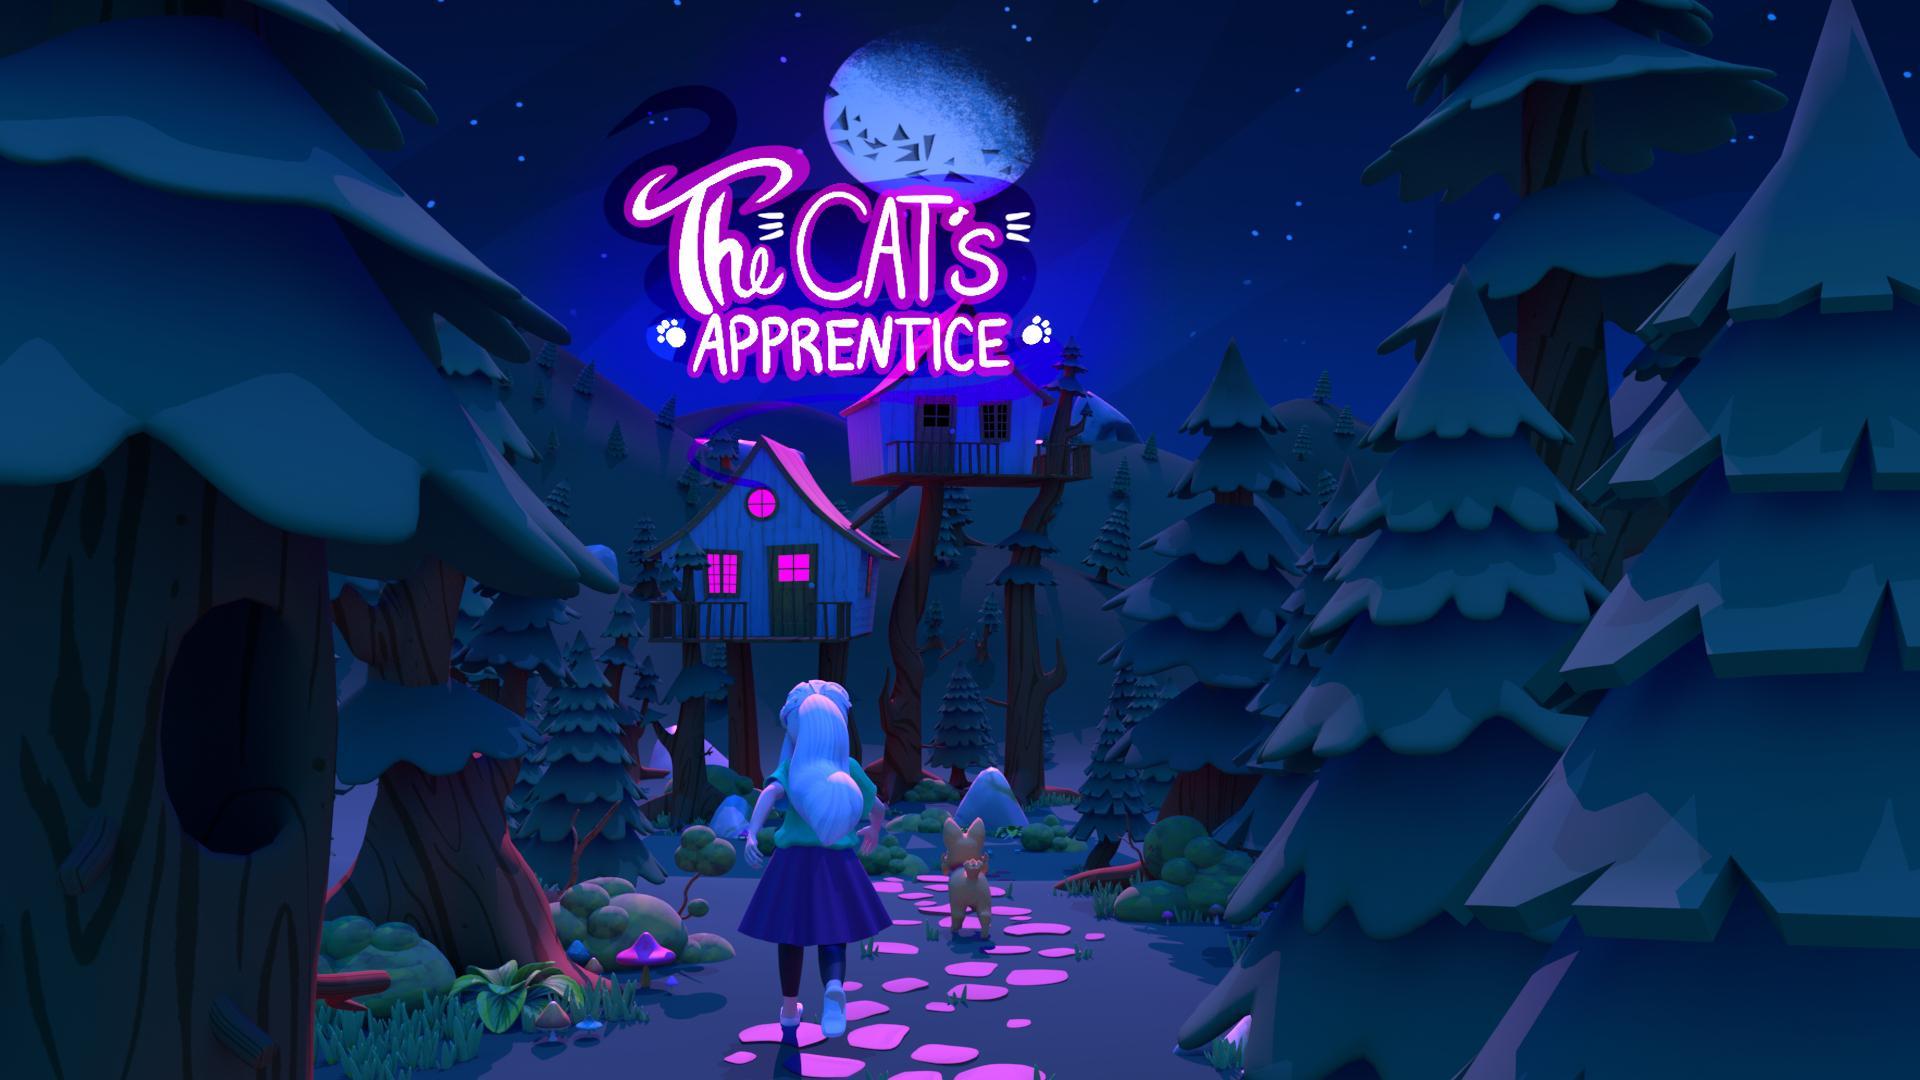 The Cat's Apprentice